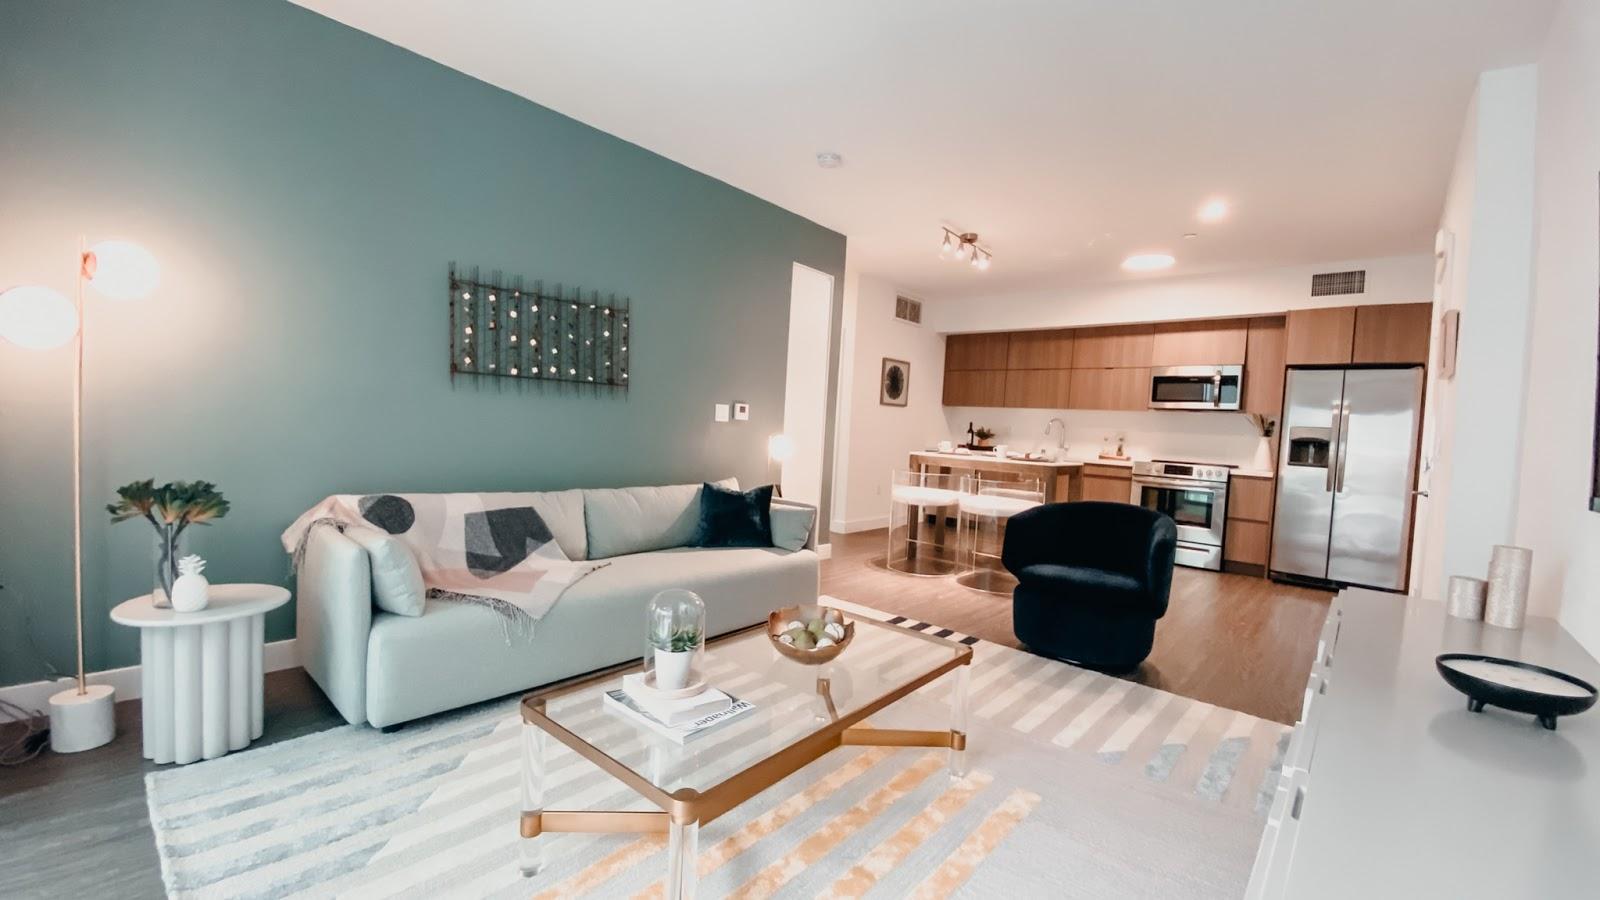 The Audrey apartment unit